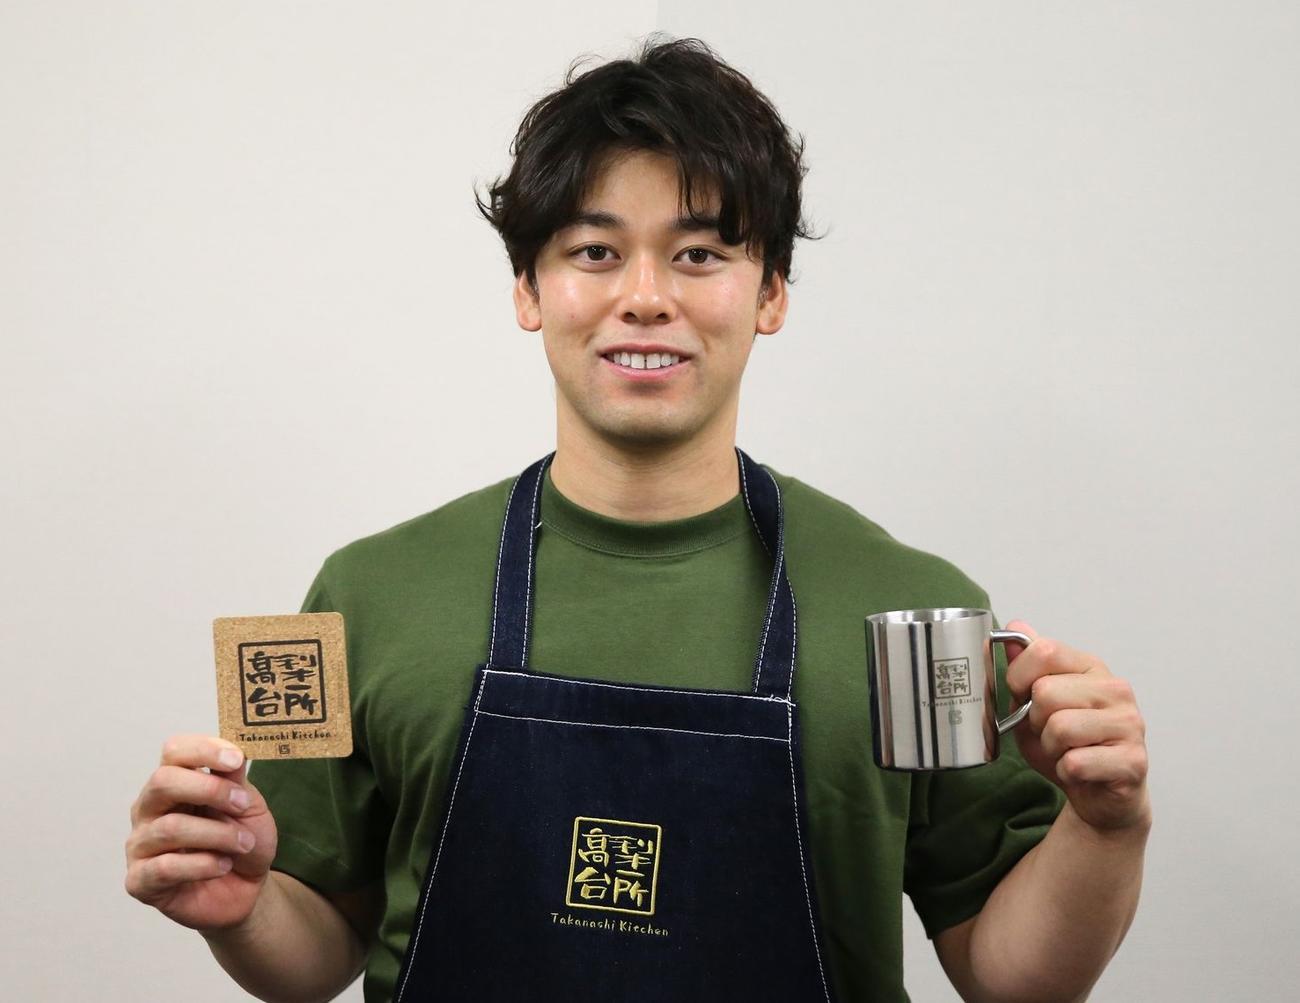 19日から発売された「たかなしきっちん」グッズを手に笑顔の巨人高梨雄平投手(球団提供)